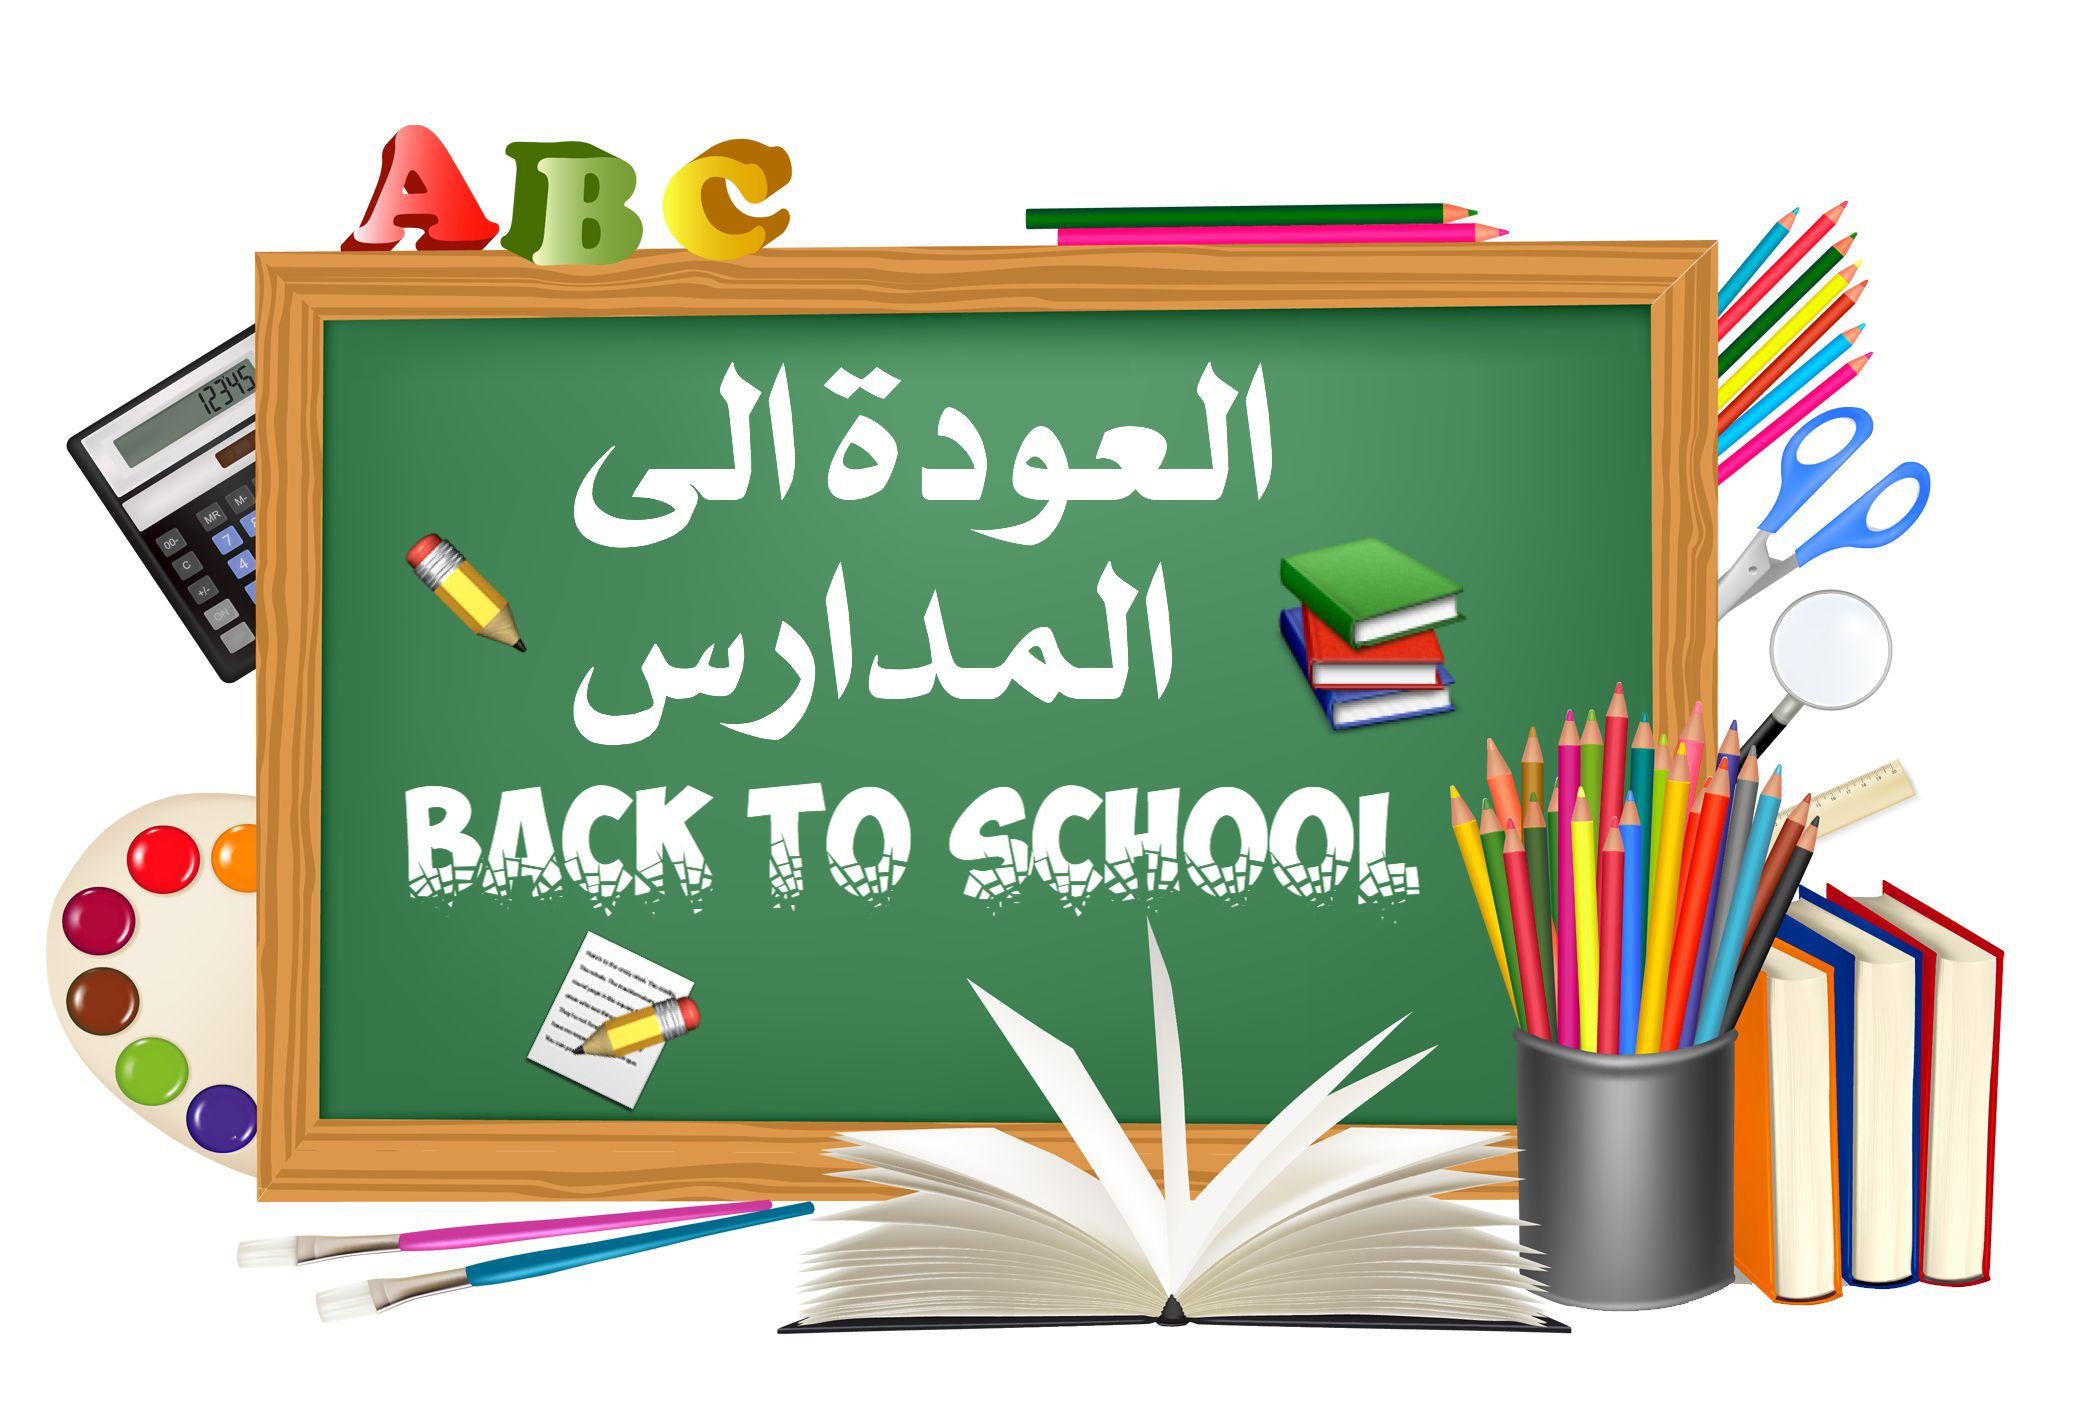 غدا بداية العام الدراسي الجديد 1437 1438 نتمنى لكم عاما مليئا بالعطاء والإنجازات بداية سعيدة I Can Statements Learning Targets Kindergarten Learning